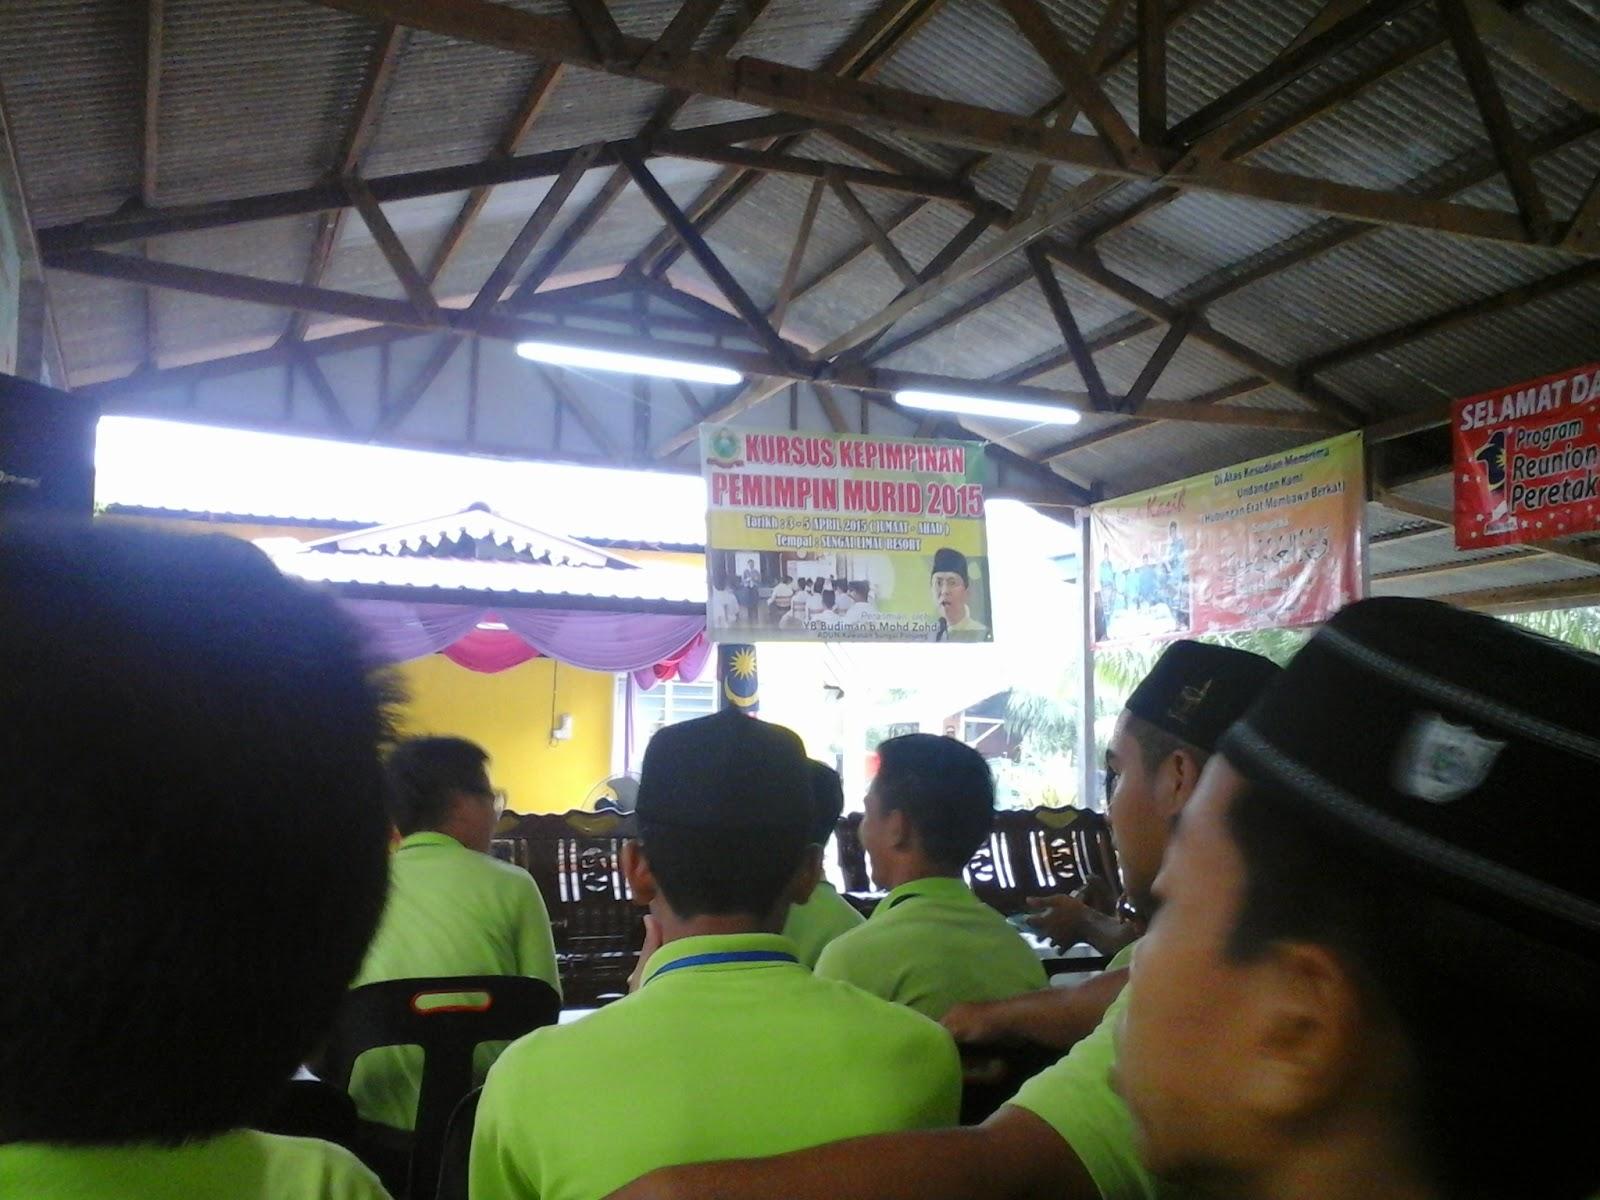 Kem Kepimpinan Murid 2015 Di Sg Limau Resort